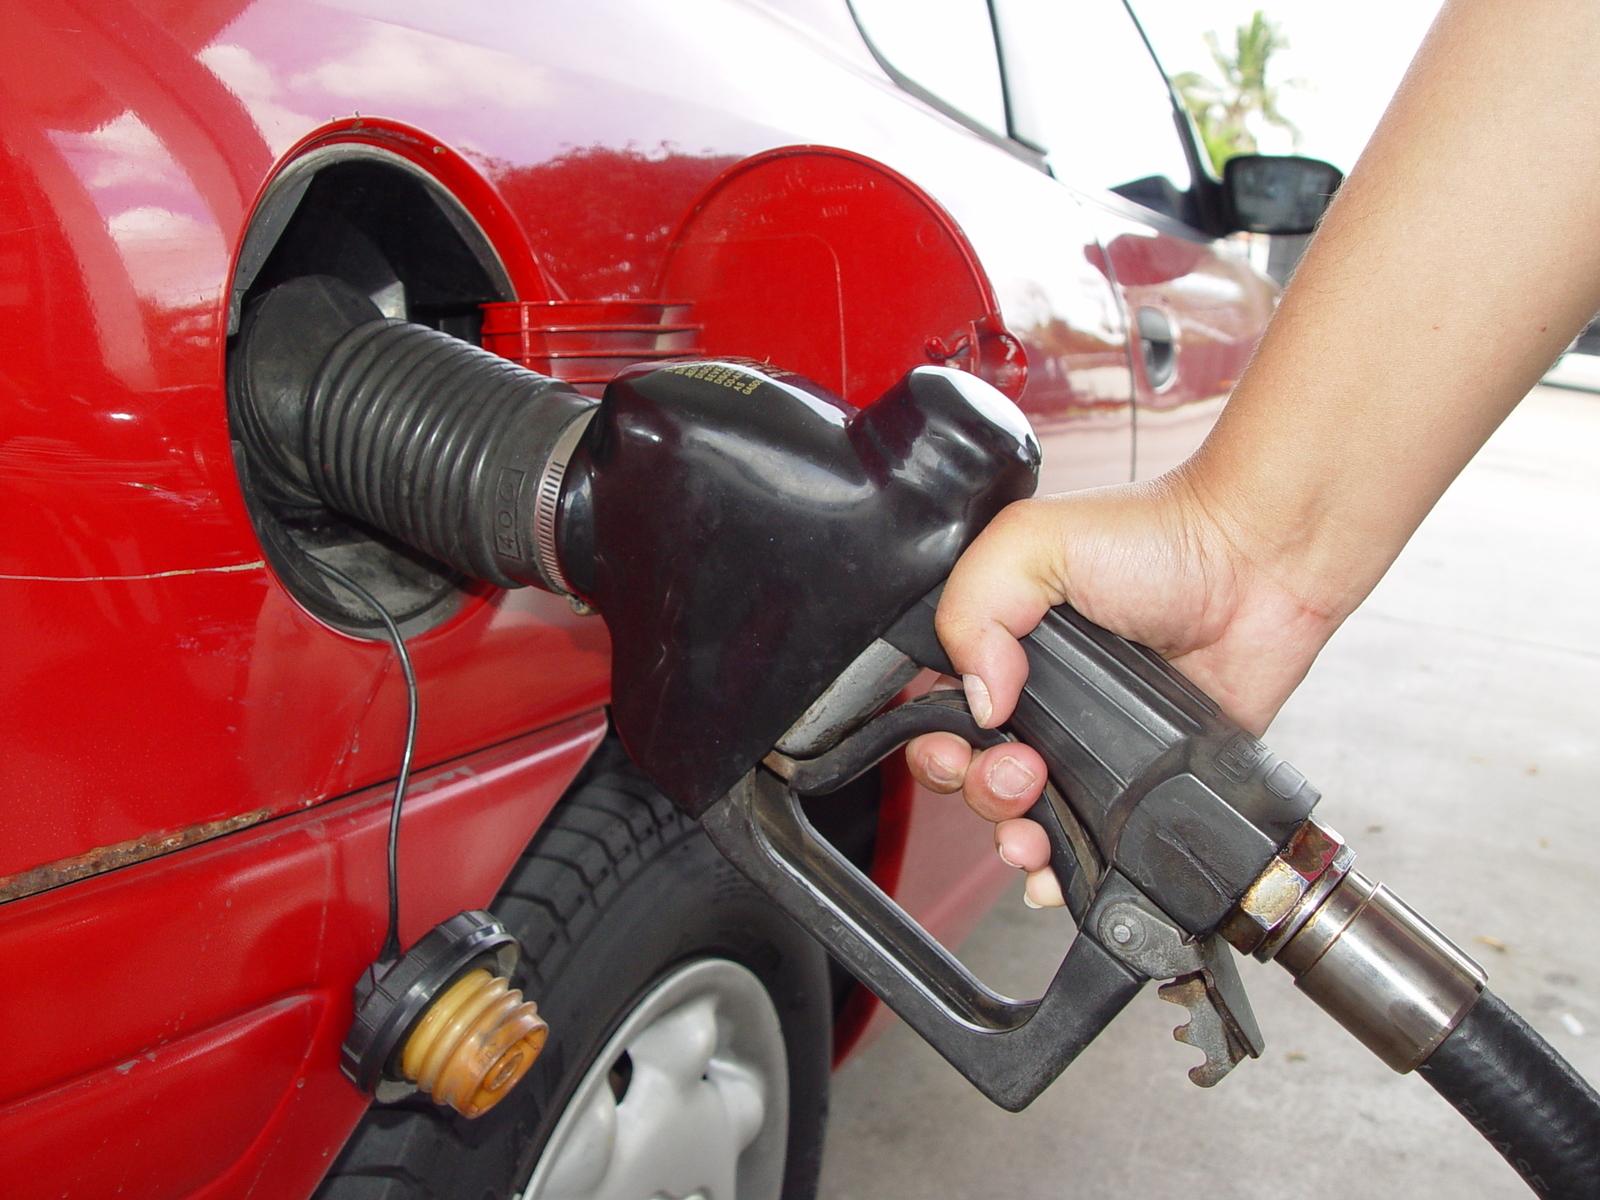 Inflatie stijgt in januari naar 1,7 procent